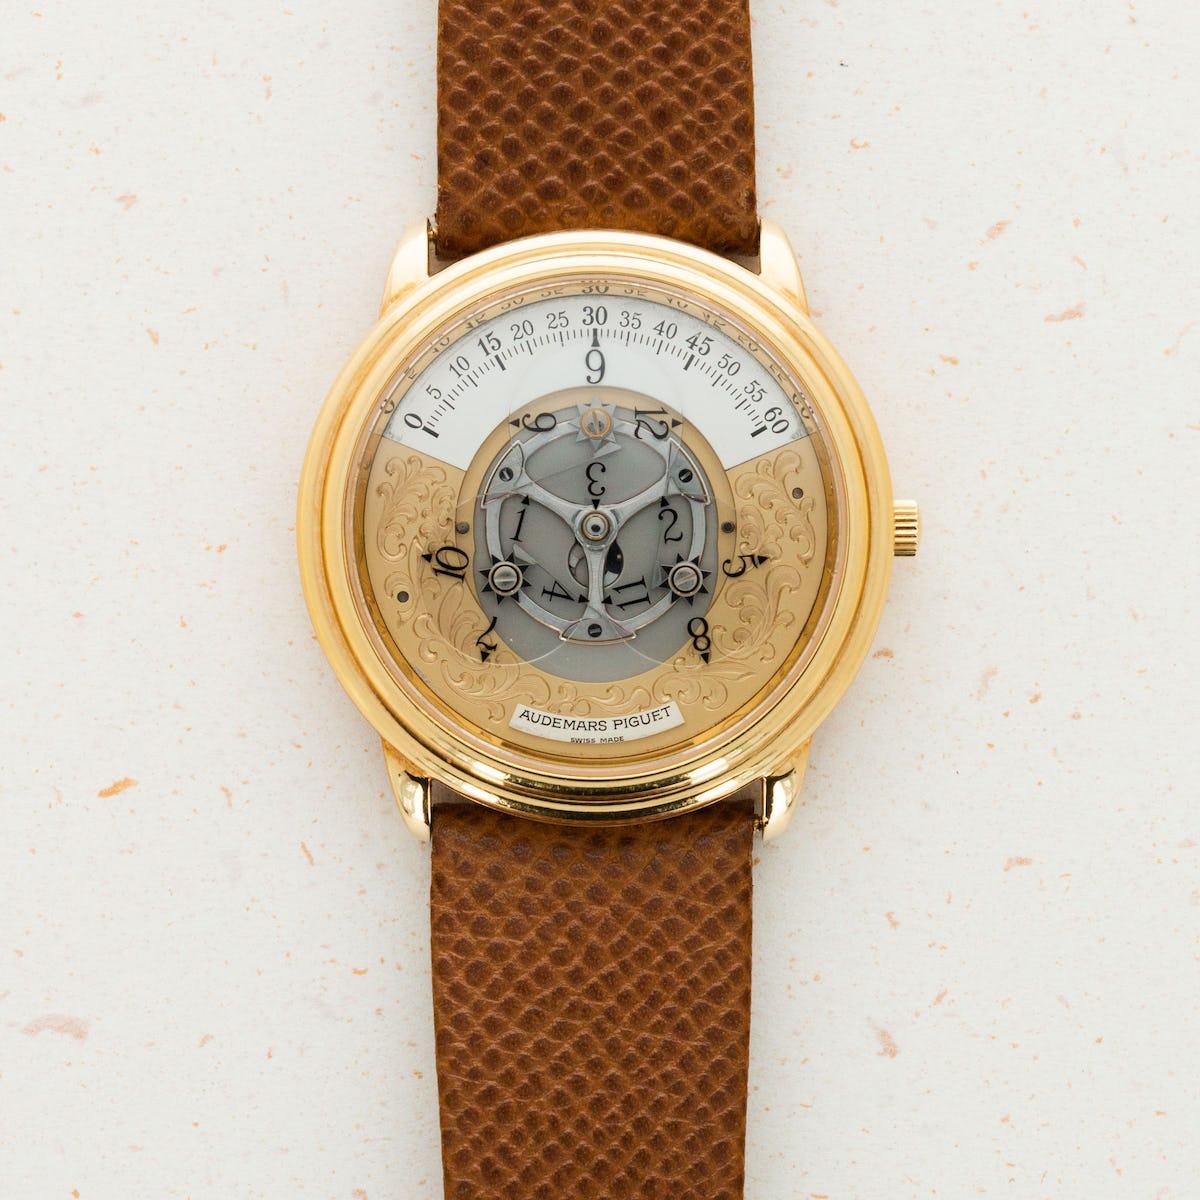 Thumbnail for Audemars Piguet Yellow Gold Star Wheel 25720